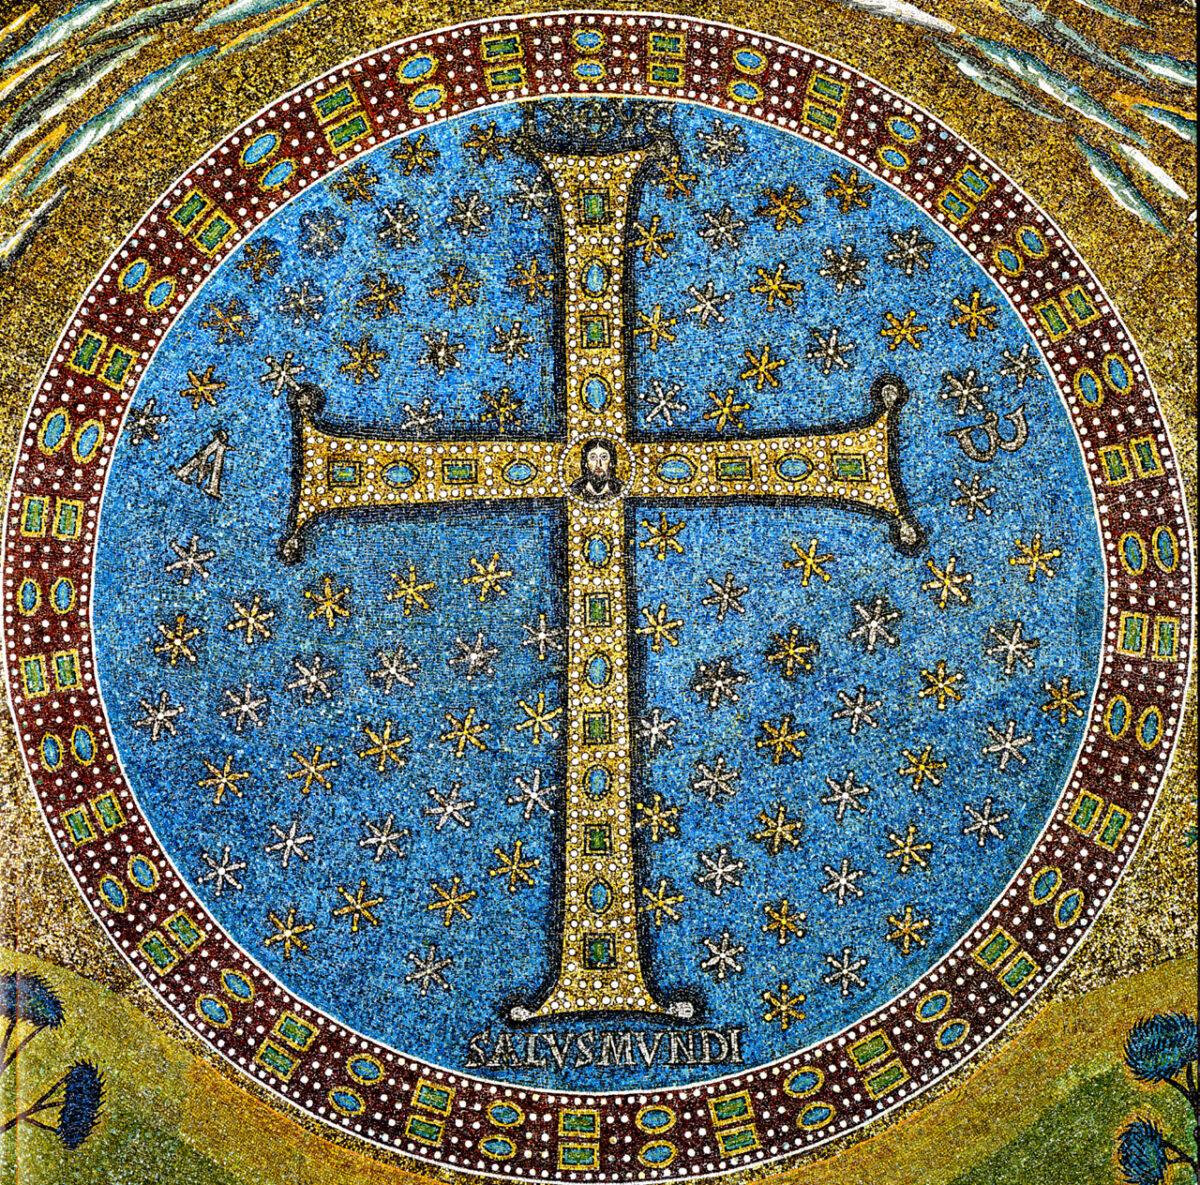 La Croce dell'abside della basilica di Sant'Apollinare in Classe,(Ravenna)